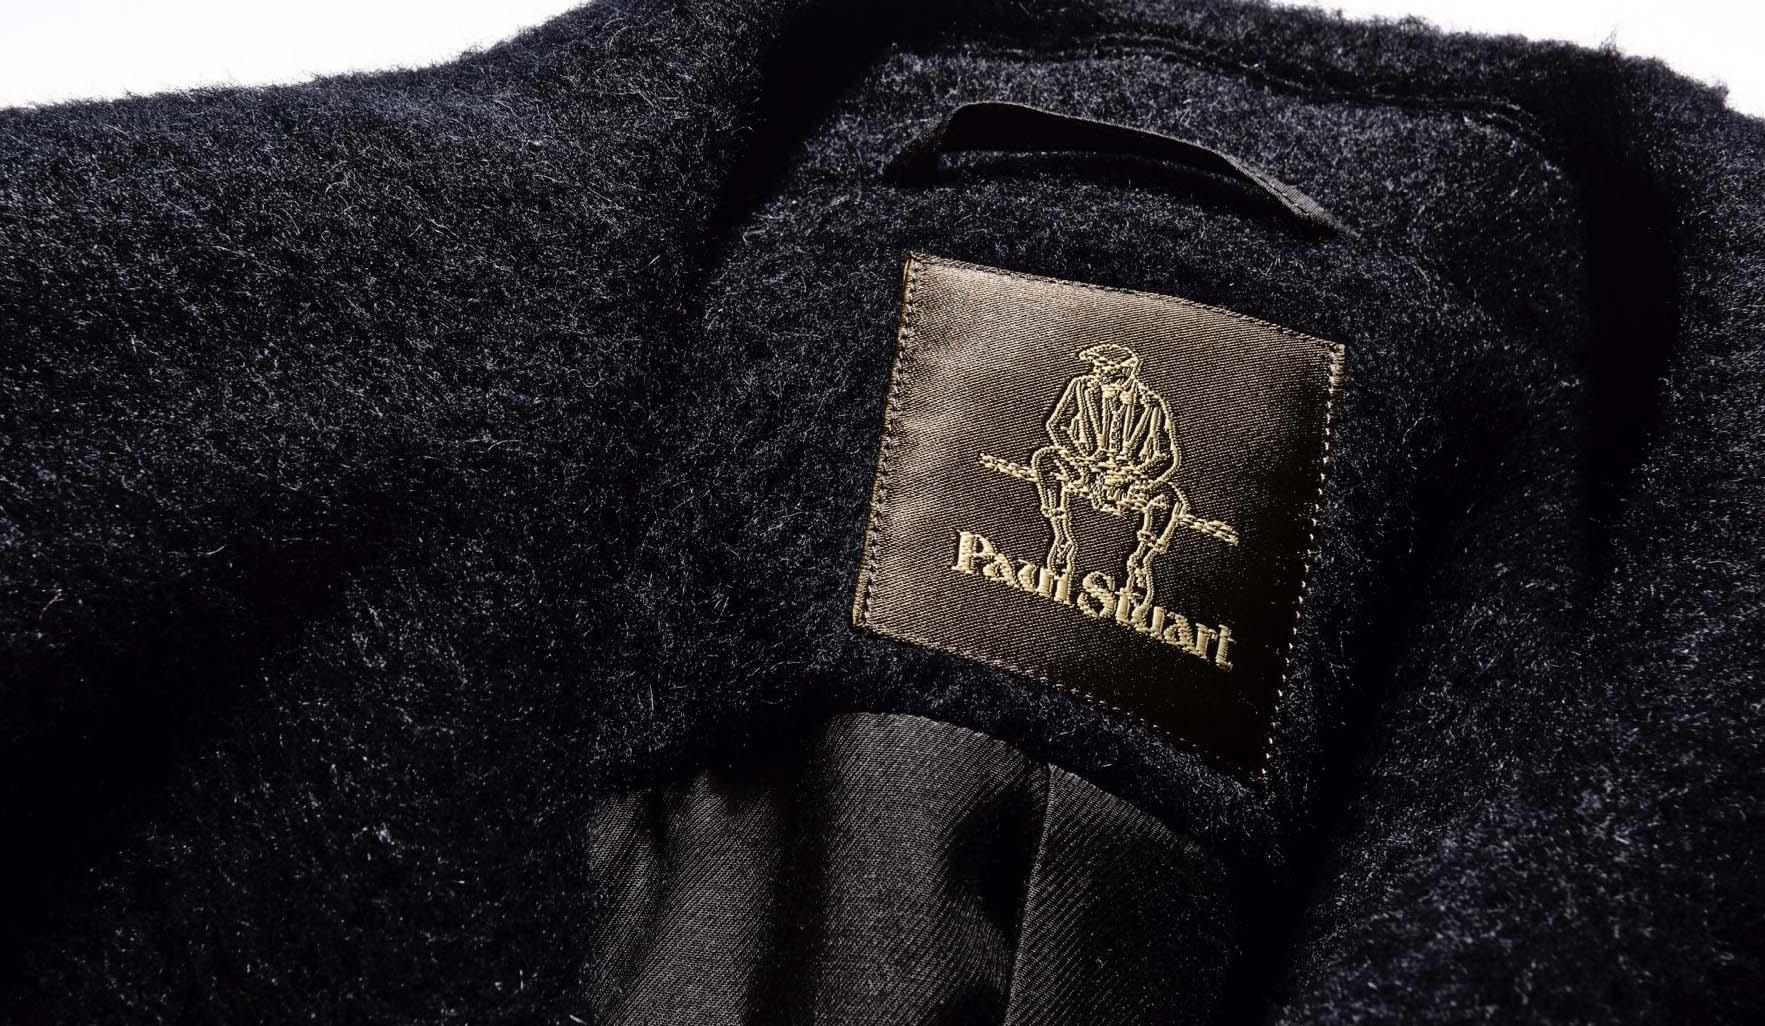 ポール・スチュアートのコレクションライン青山店限定のコート